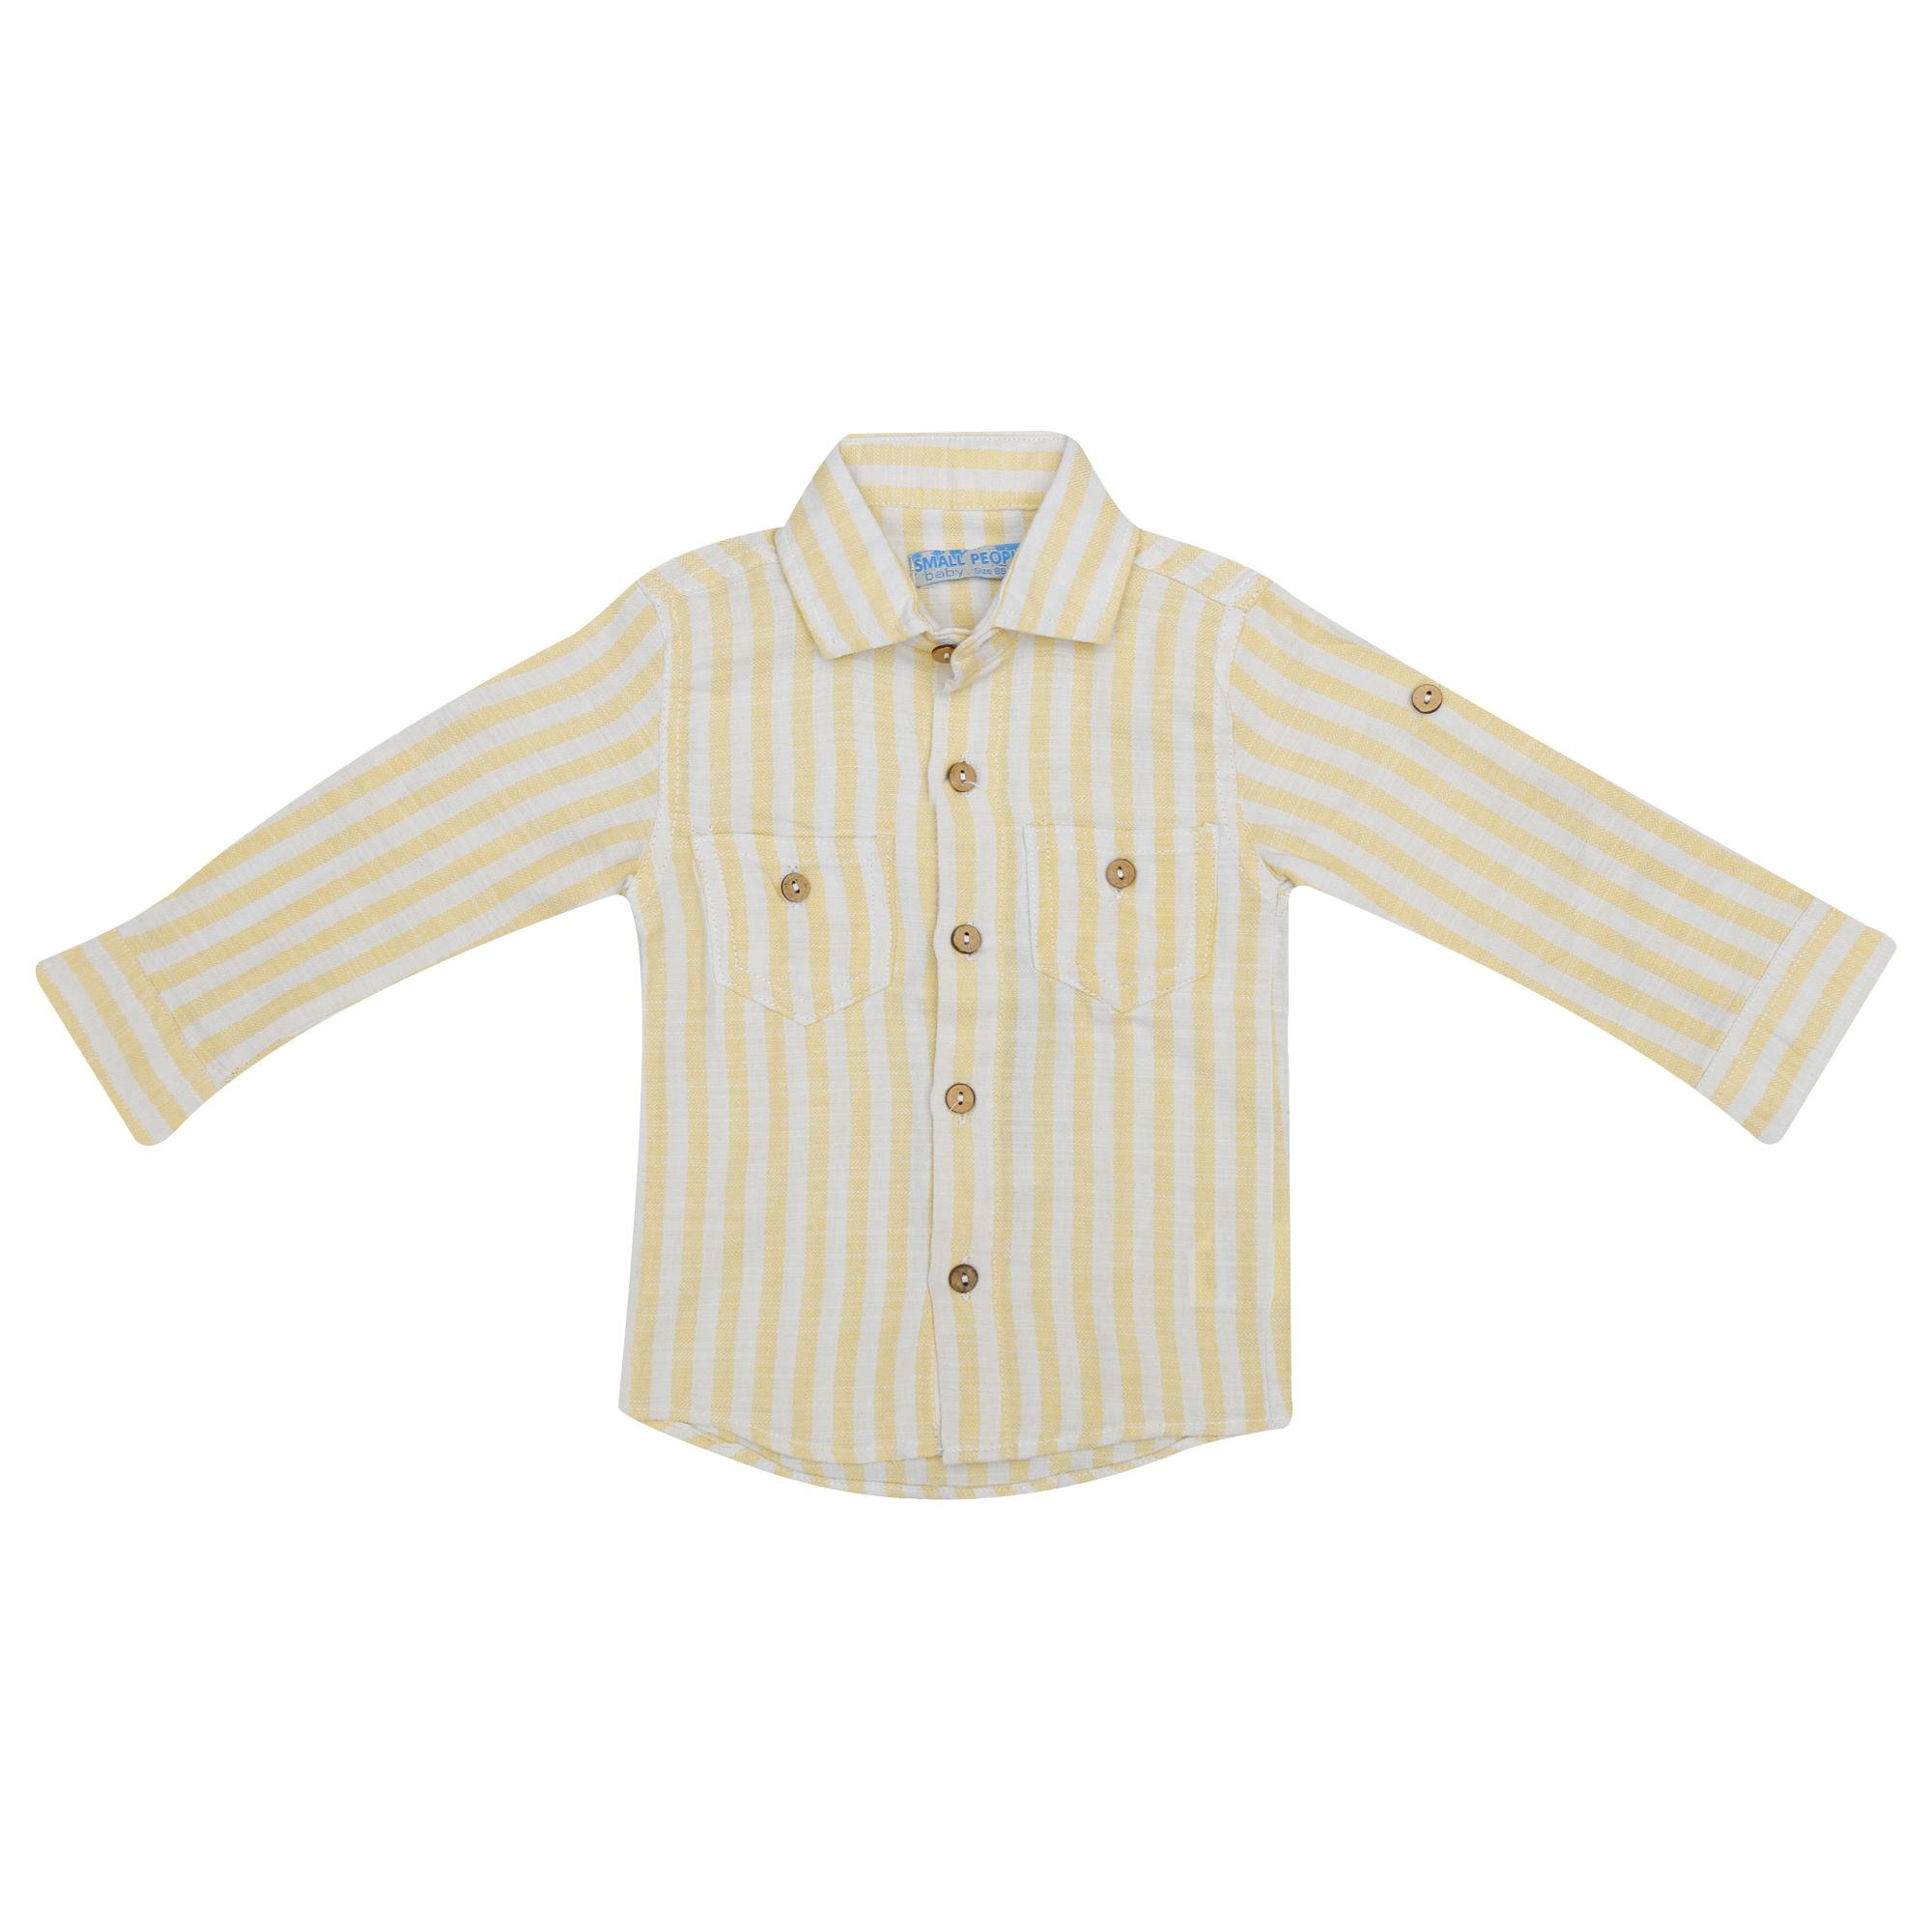 پیراهن پسرانه اسمال پیپل کد M-310